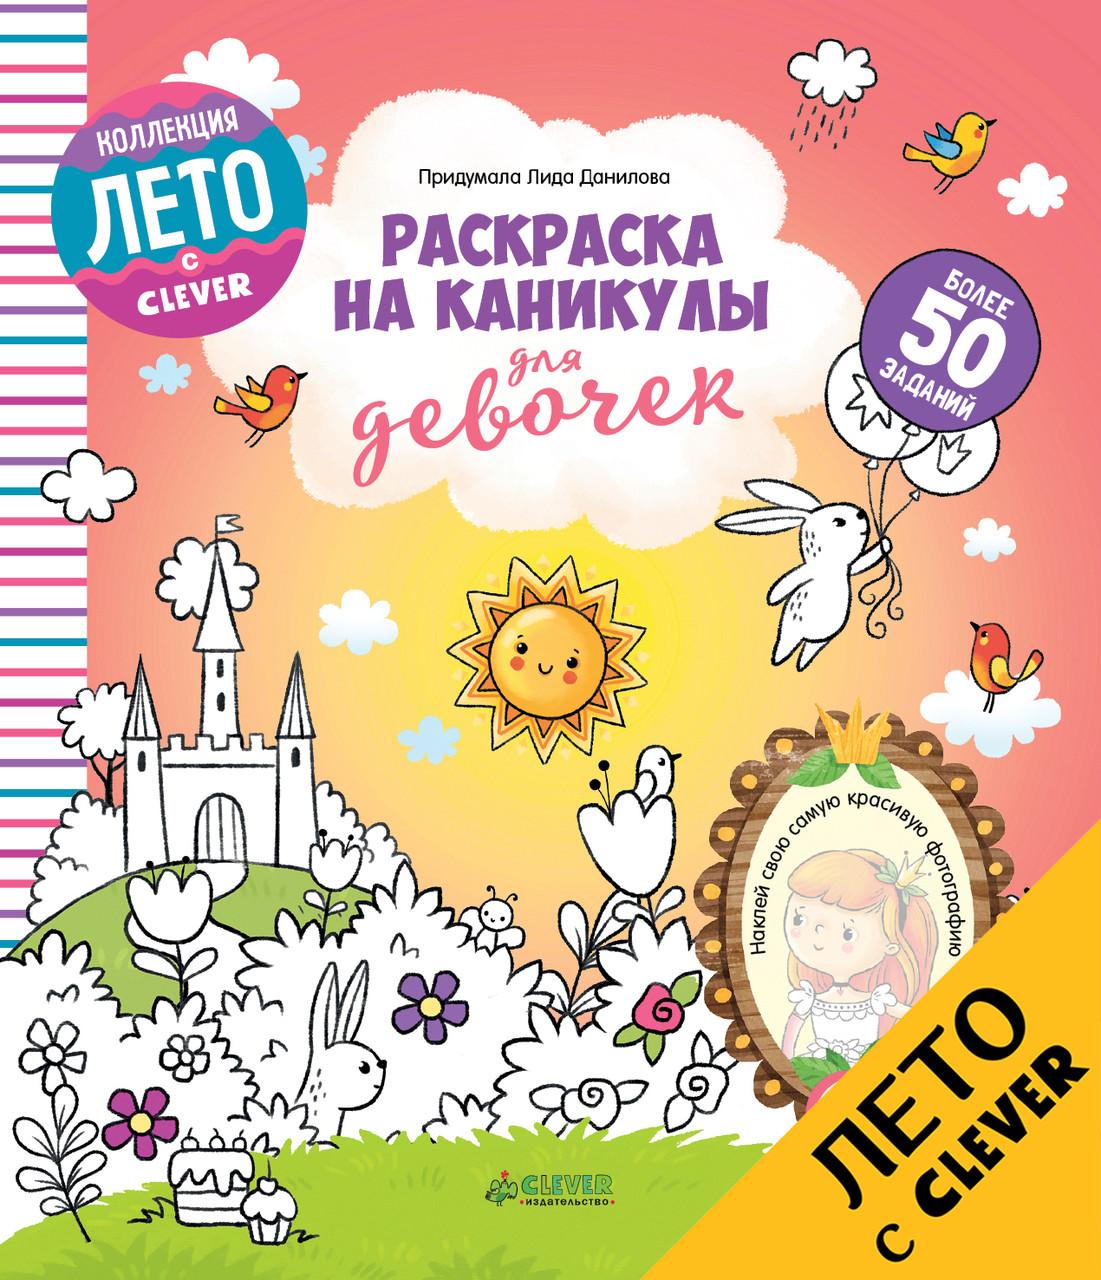 раскраска на каникулы для девочек